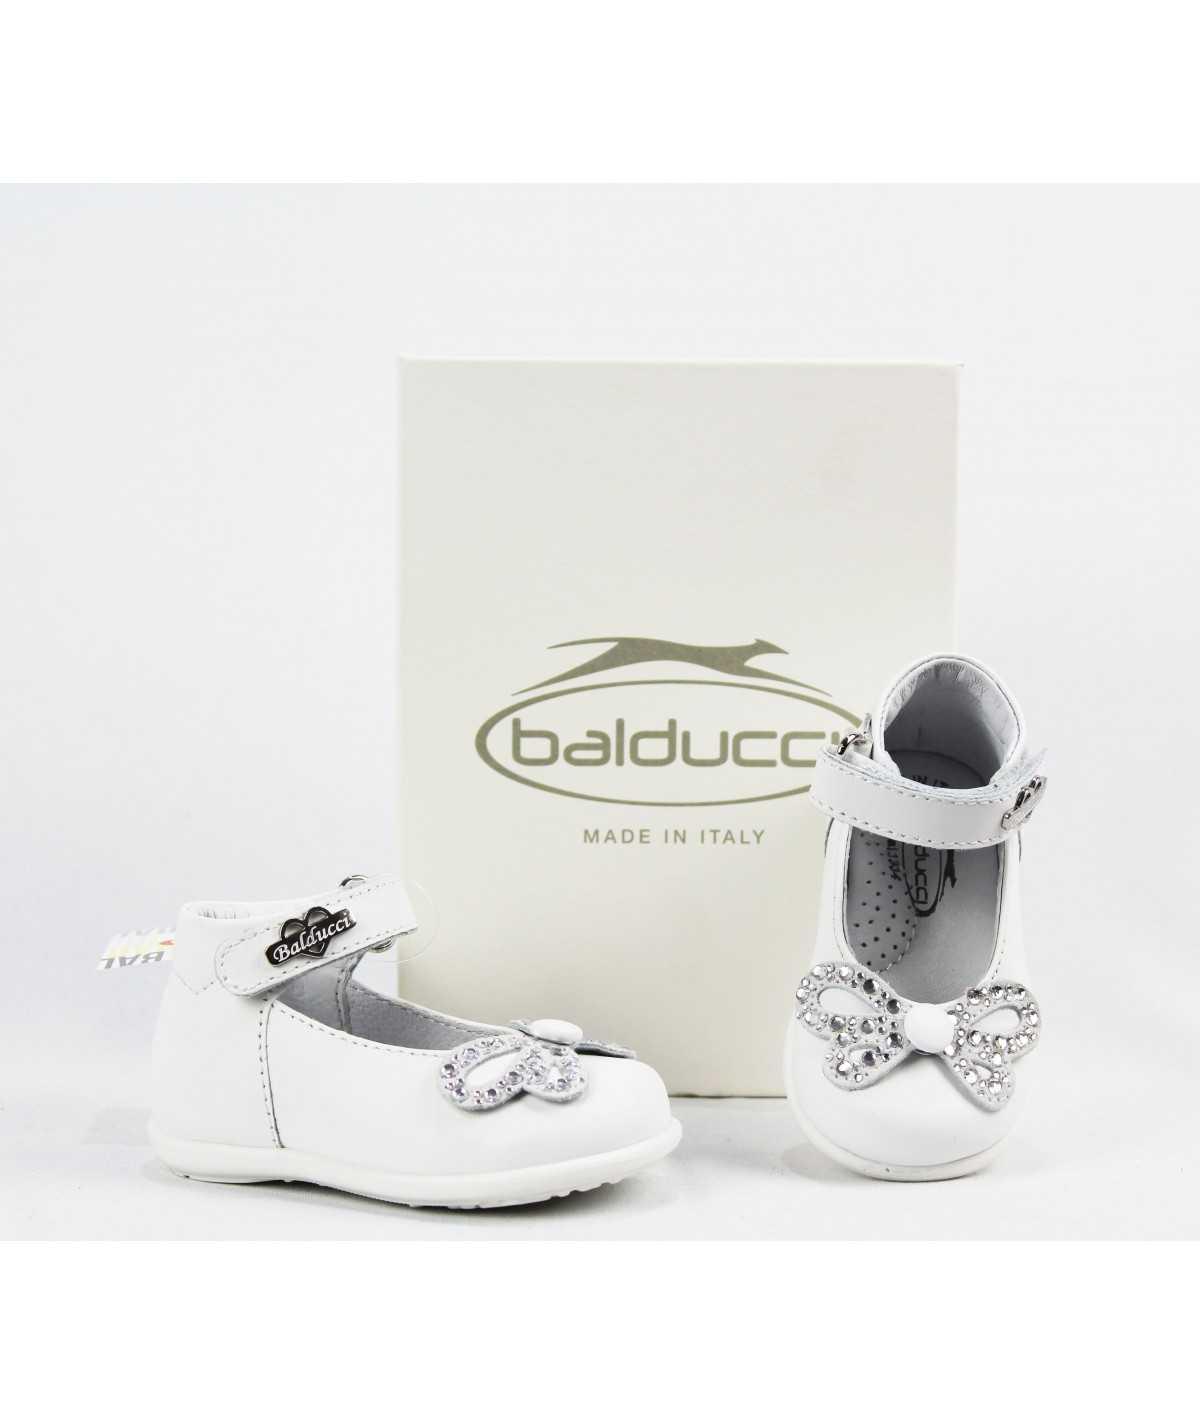 BALDUCCI Ballerina 17/24